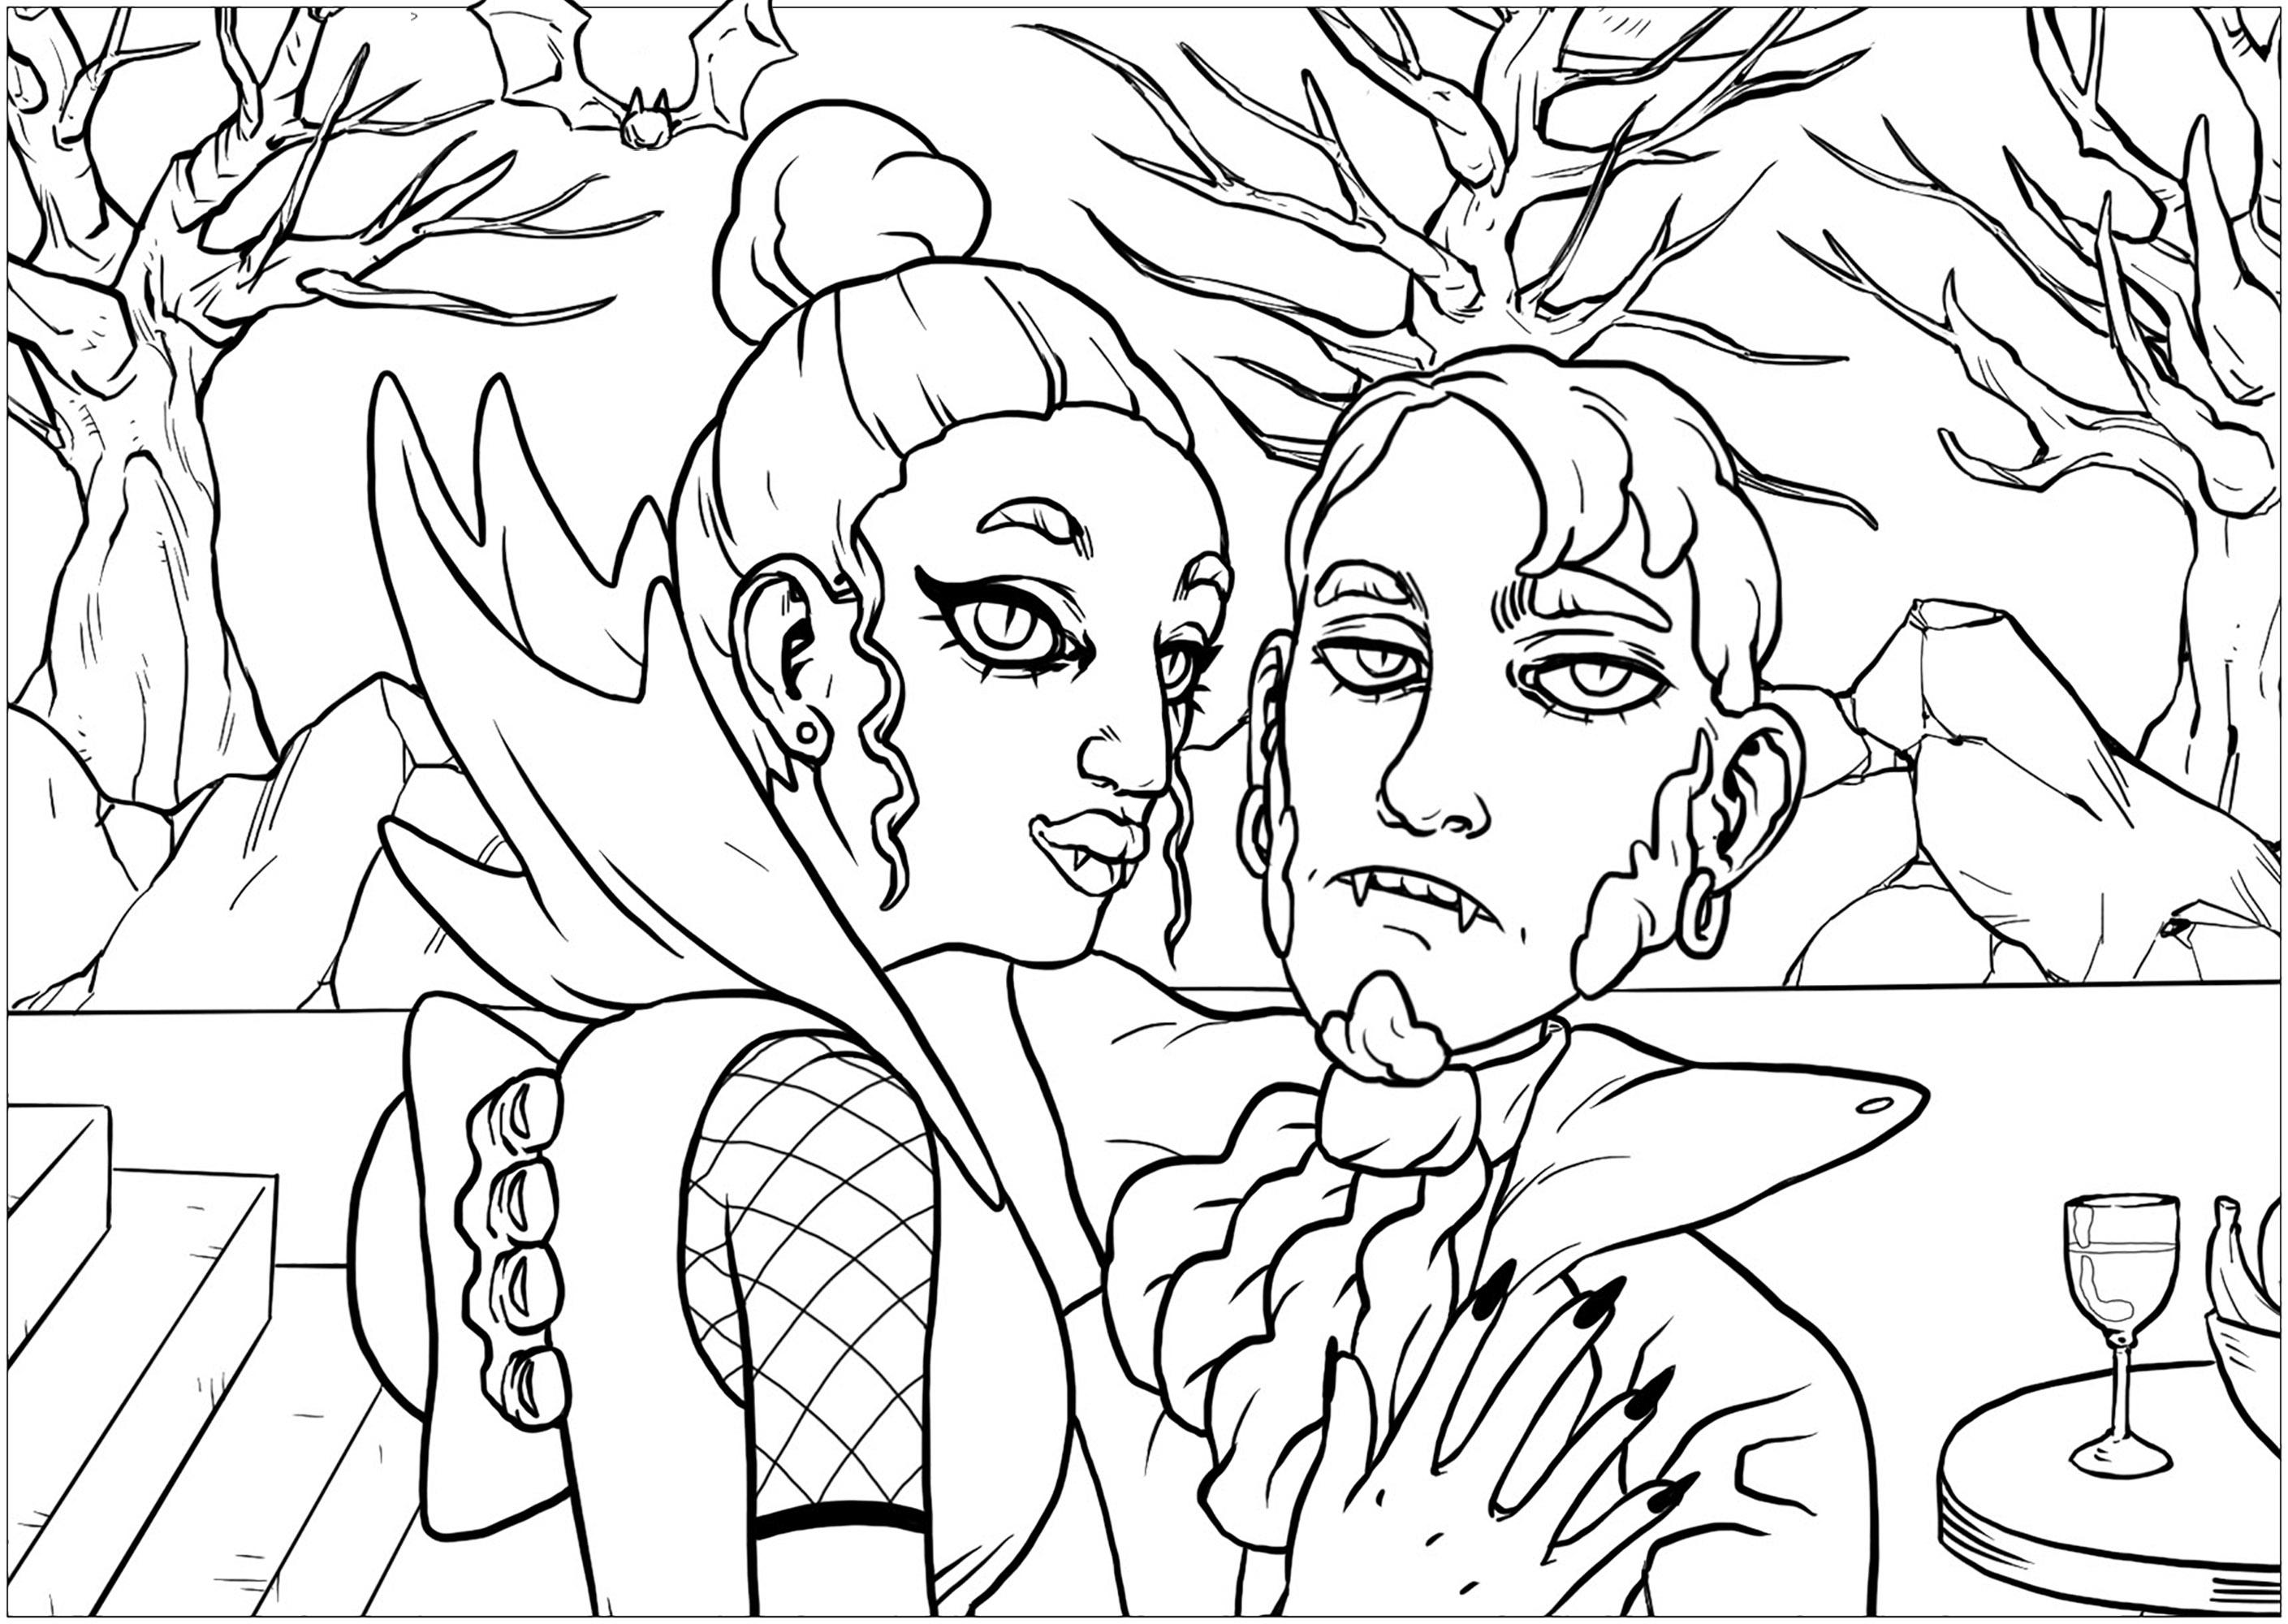 Un couple de vampires unis pour l'éternité par les liens du sang - version portrait